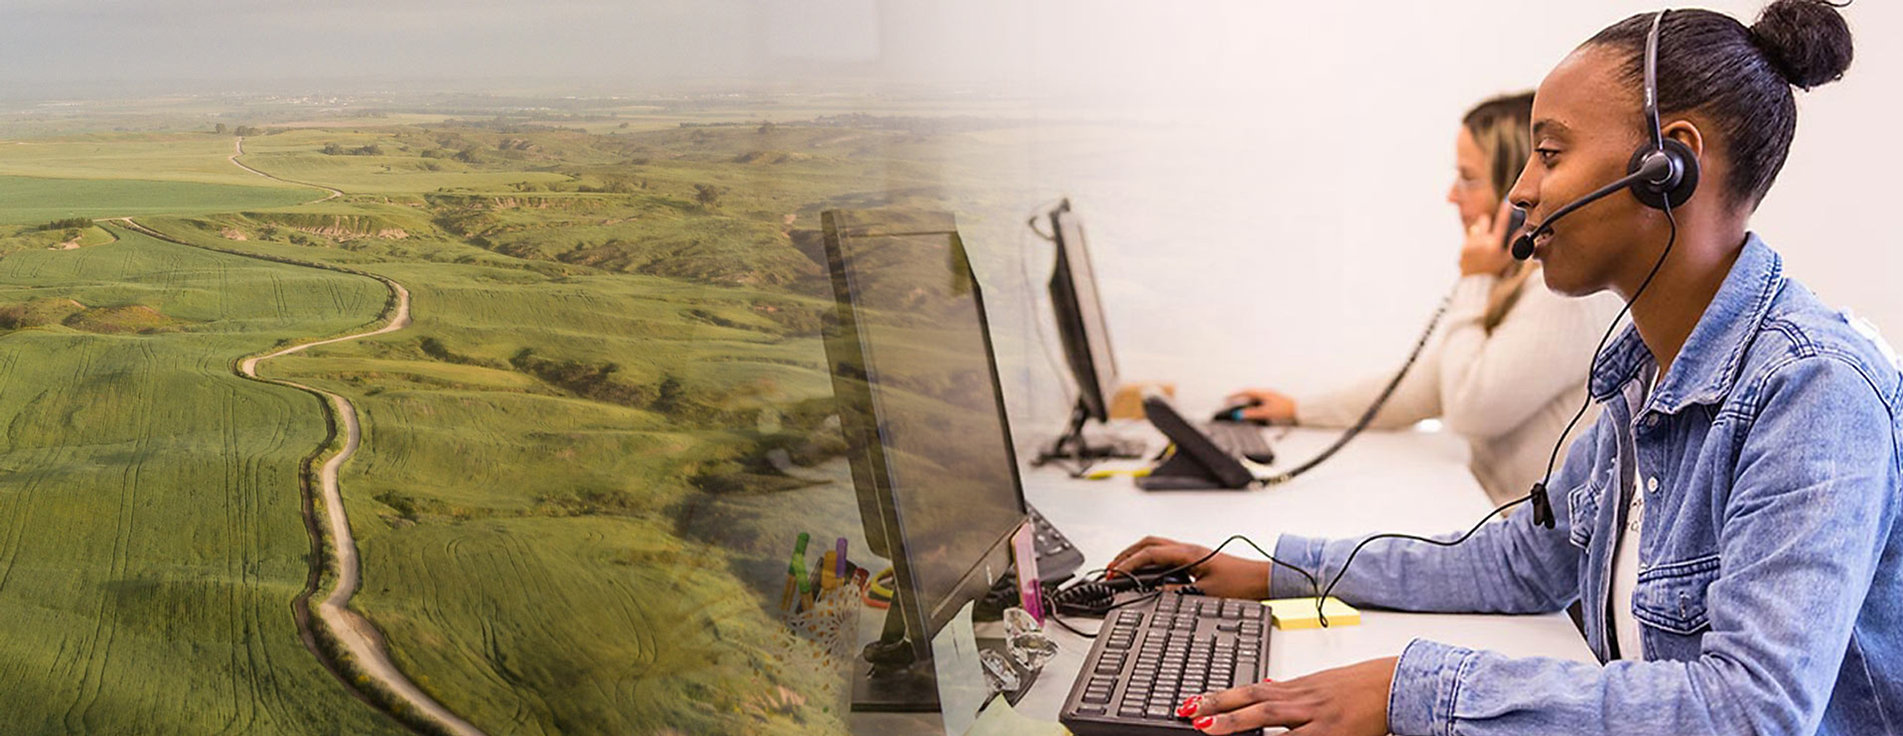 תמונה של מוקדניות בנגב 19 על רקע של שדות הנגב המערבי